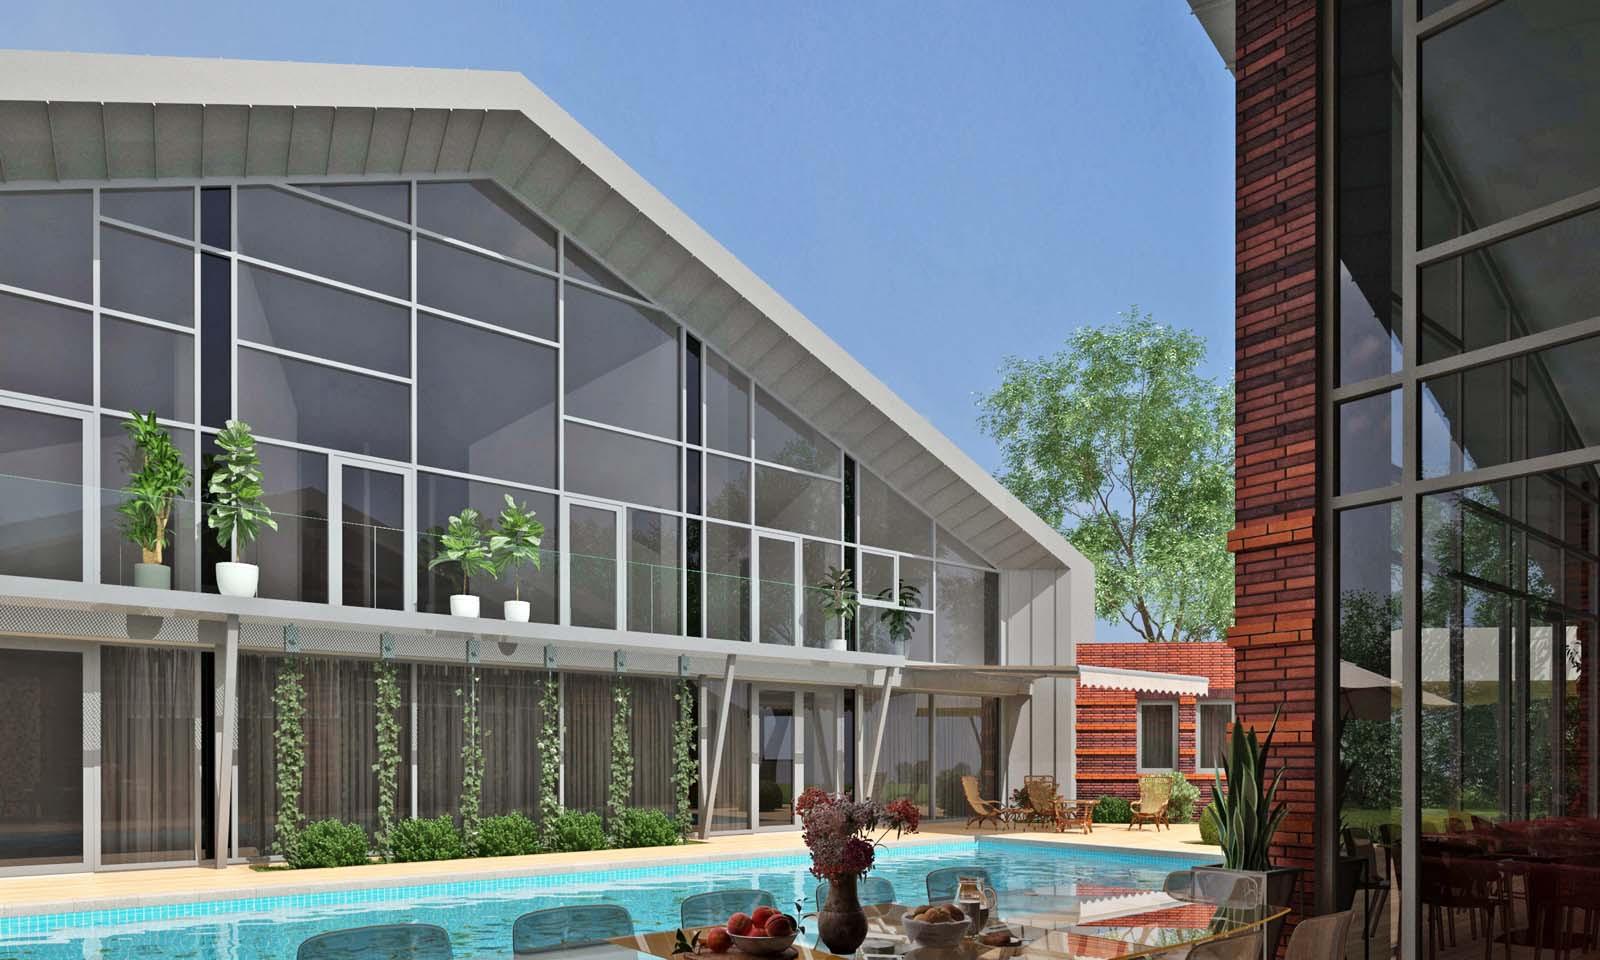 Внутренний двор с террасой из декинга и бассейном. АБ Новая РАСА